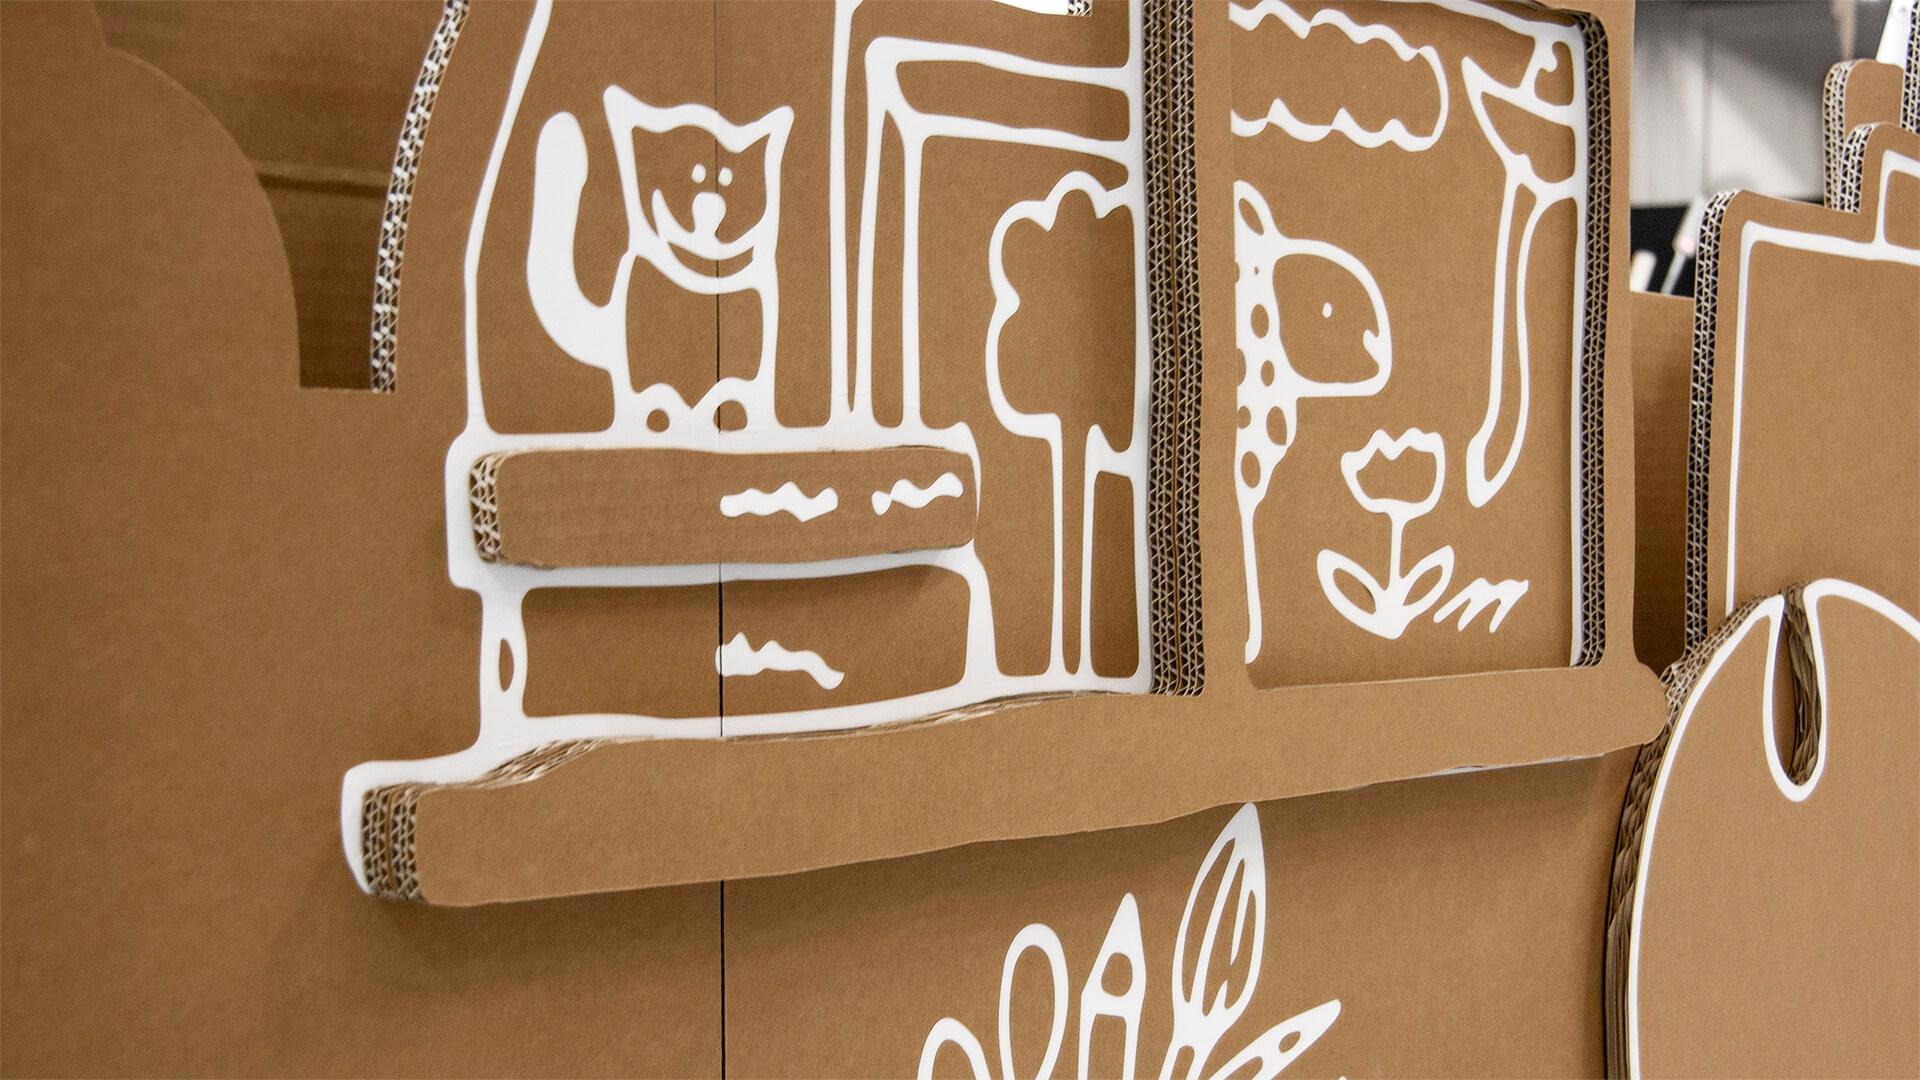 Teile der Pappaufsteller, mit Bildaufdruck Katze und Schaf